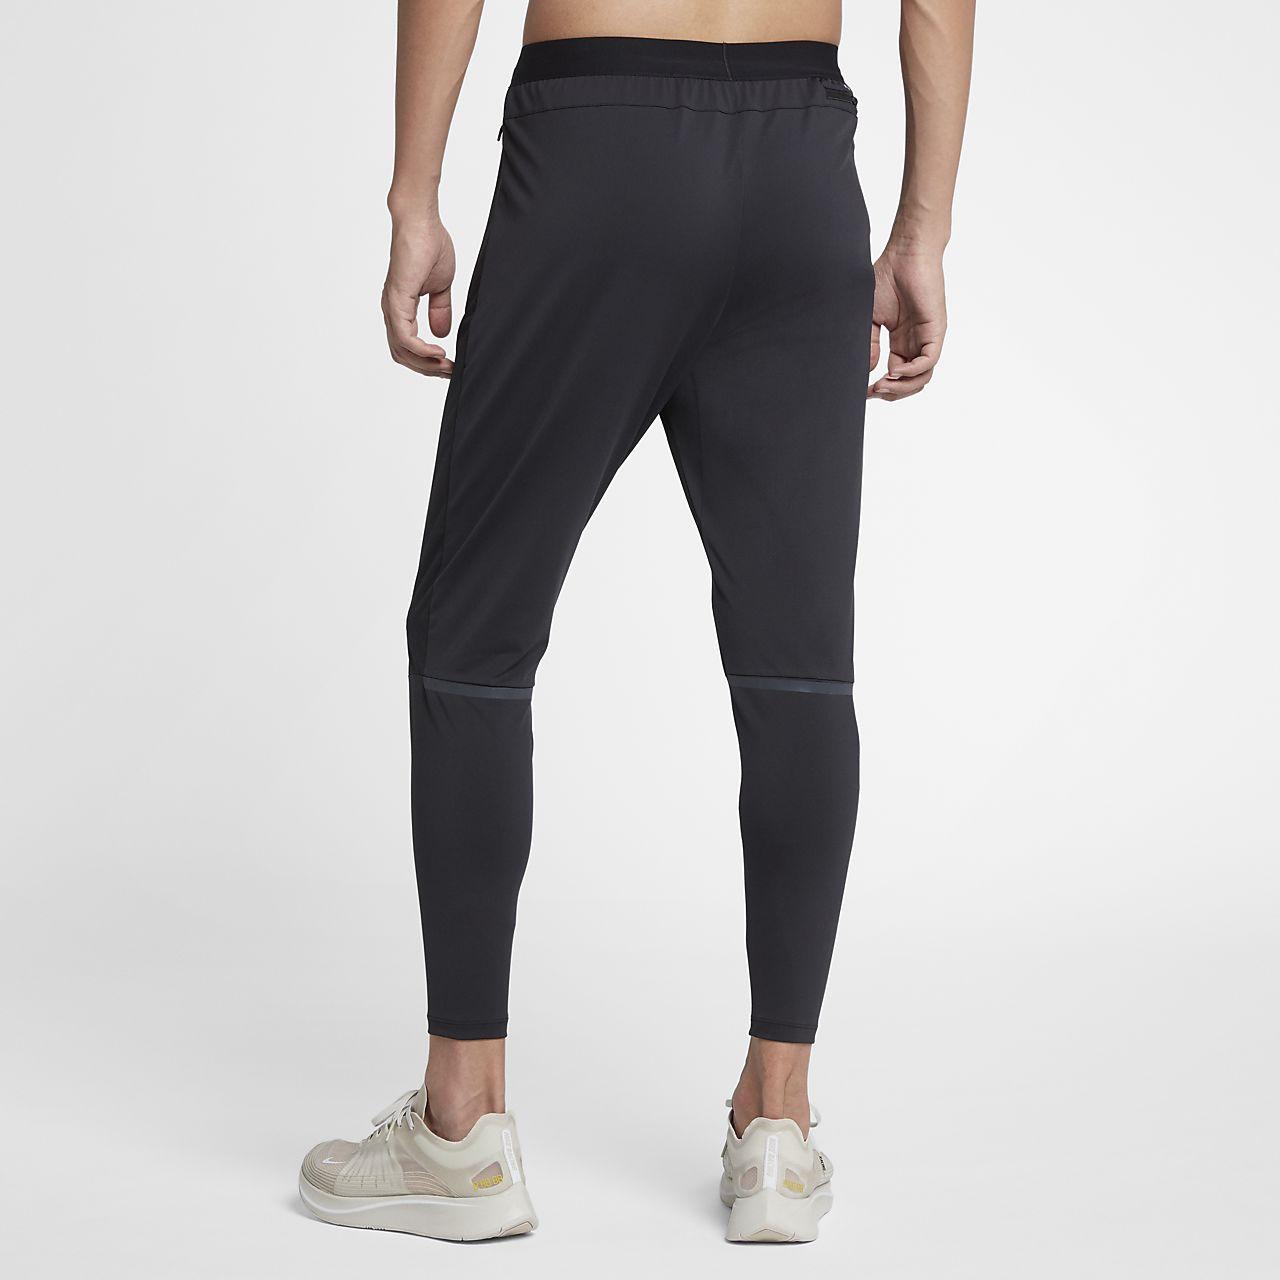 Pánské běžecké kalhoty Nike Shield Swift. Nike.com CZ 7ad054c387